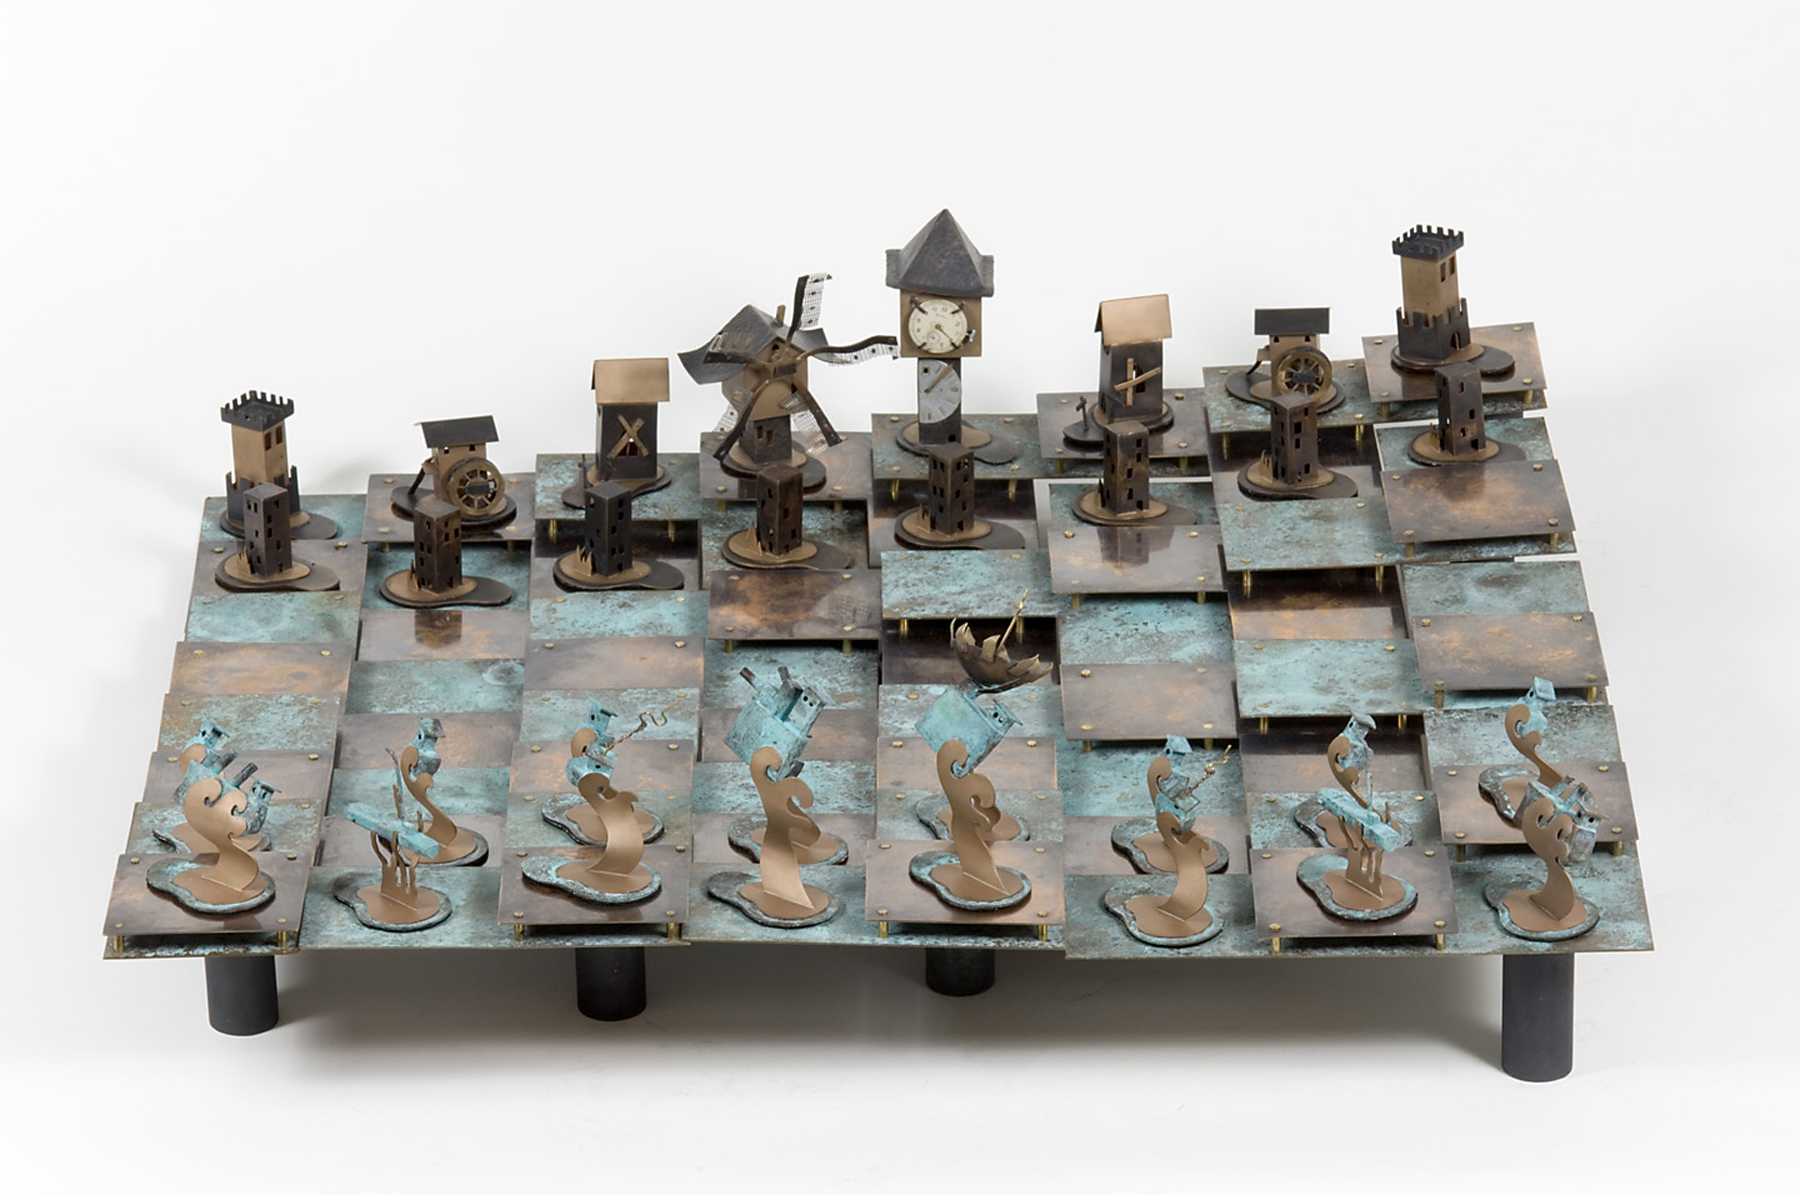 Секс богів і Порошенко-офіцер: ТОП-10 незвичних шахів - фото 10